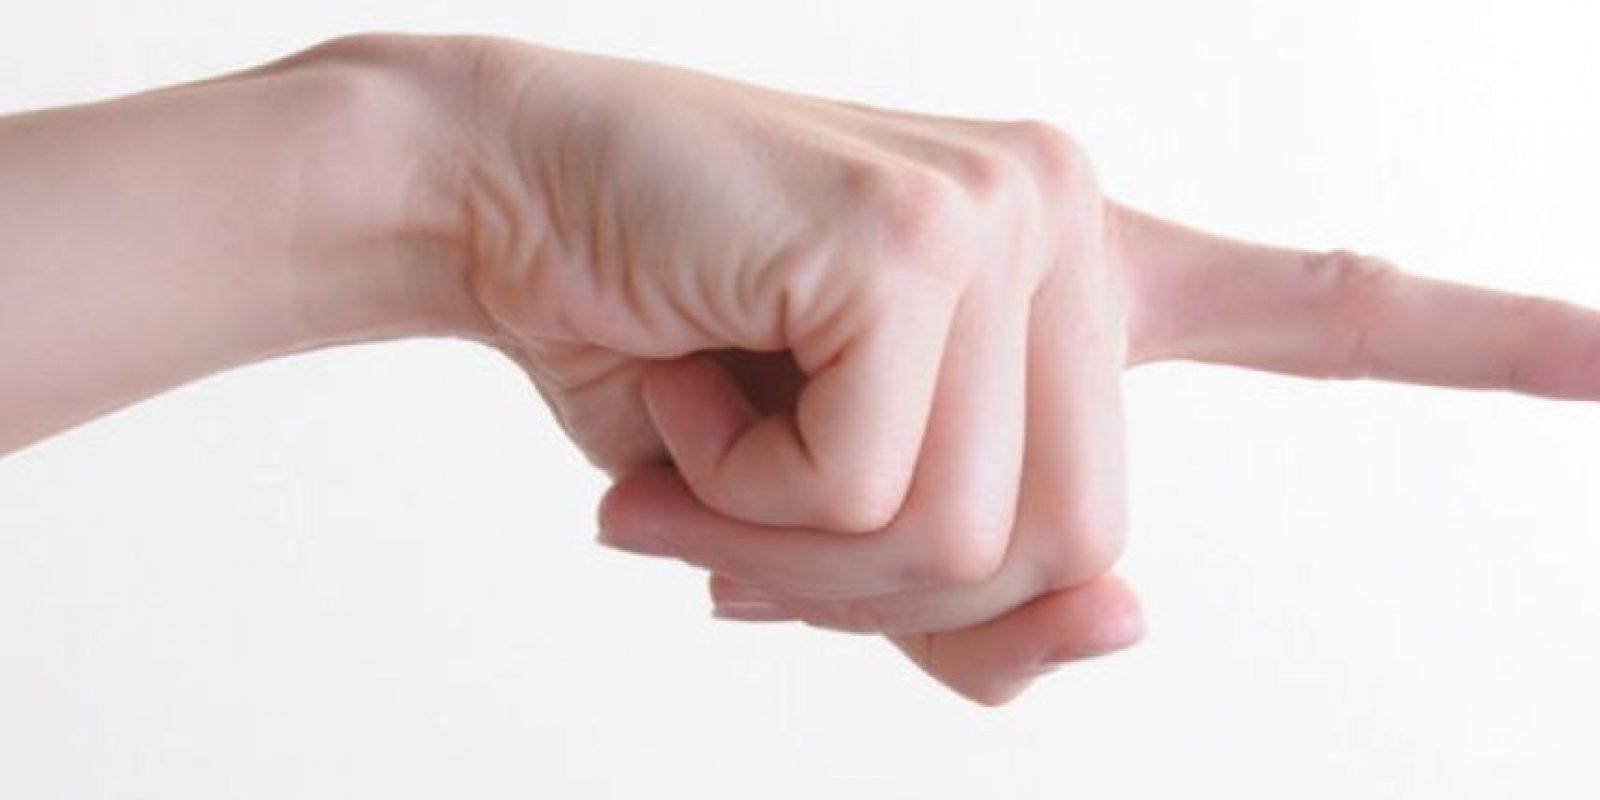 La celotipia se manifiesta de esta forma: Cuando la persona desconfía de su pareja y la interroga sobre sus compañeros o compañeras del trabajo o de la universidad. Foto:Tumblr